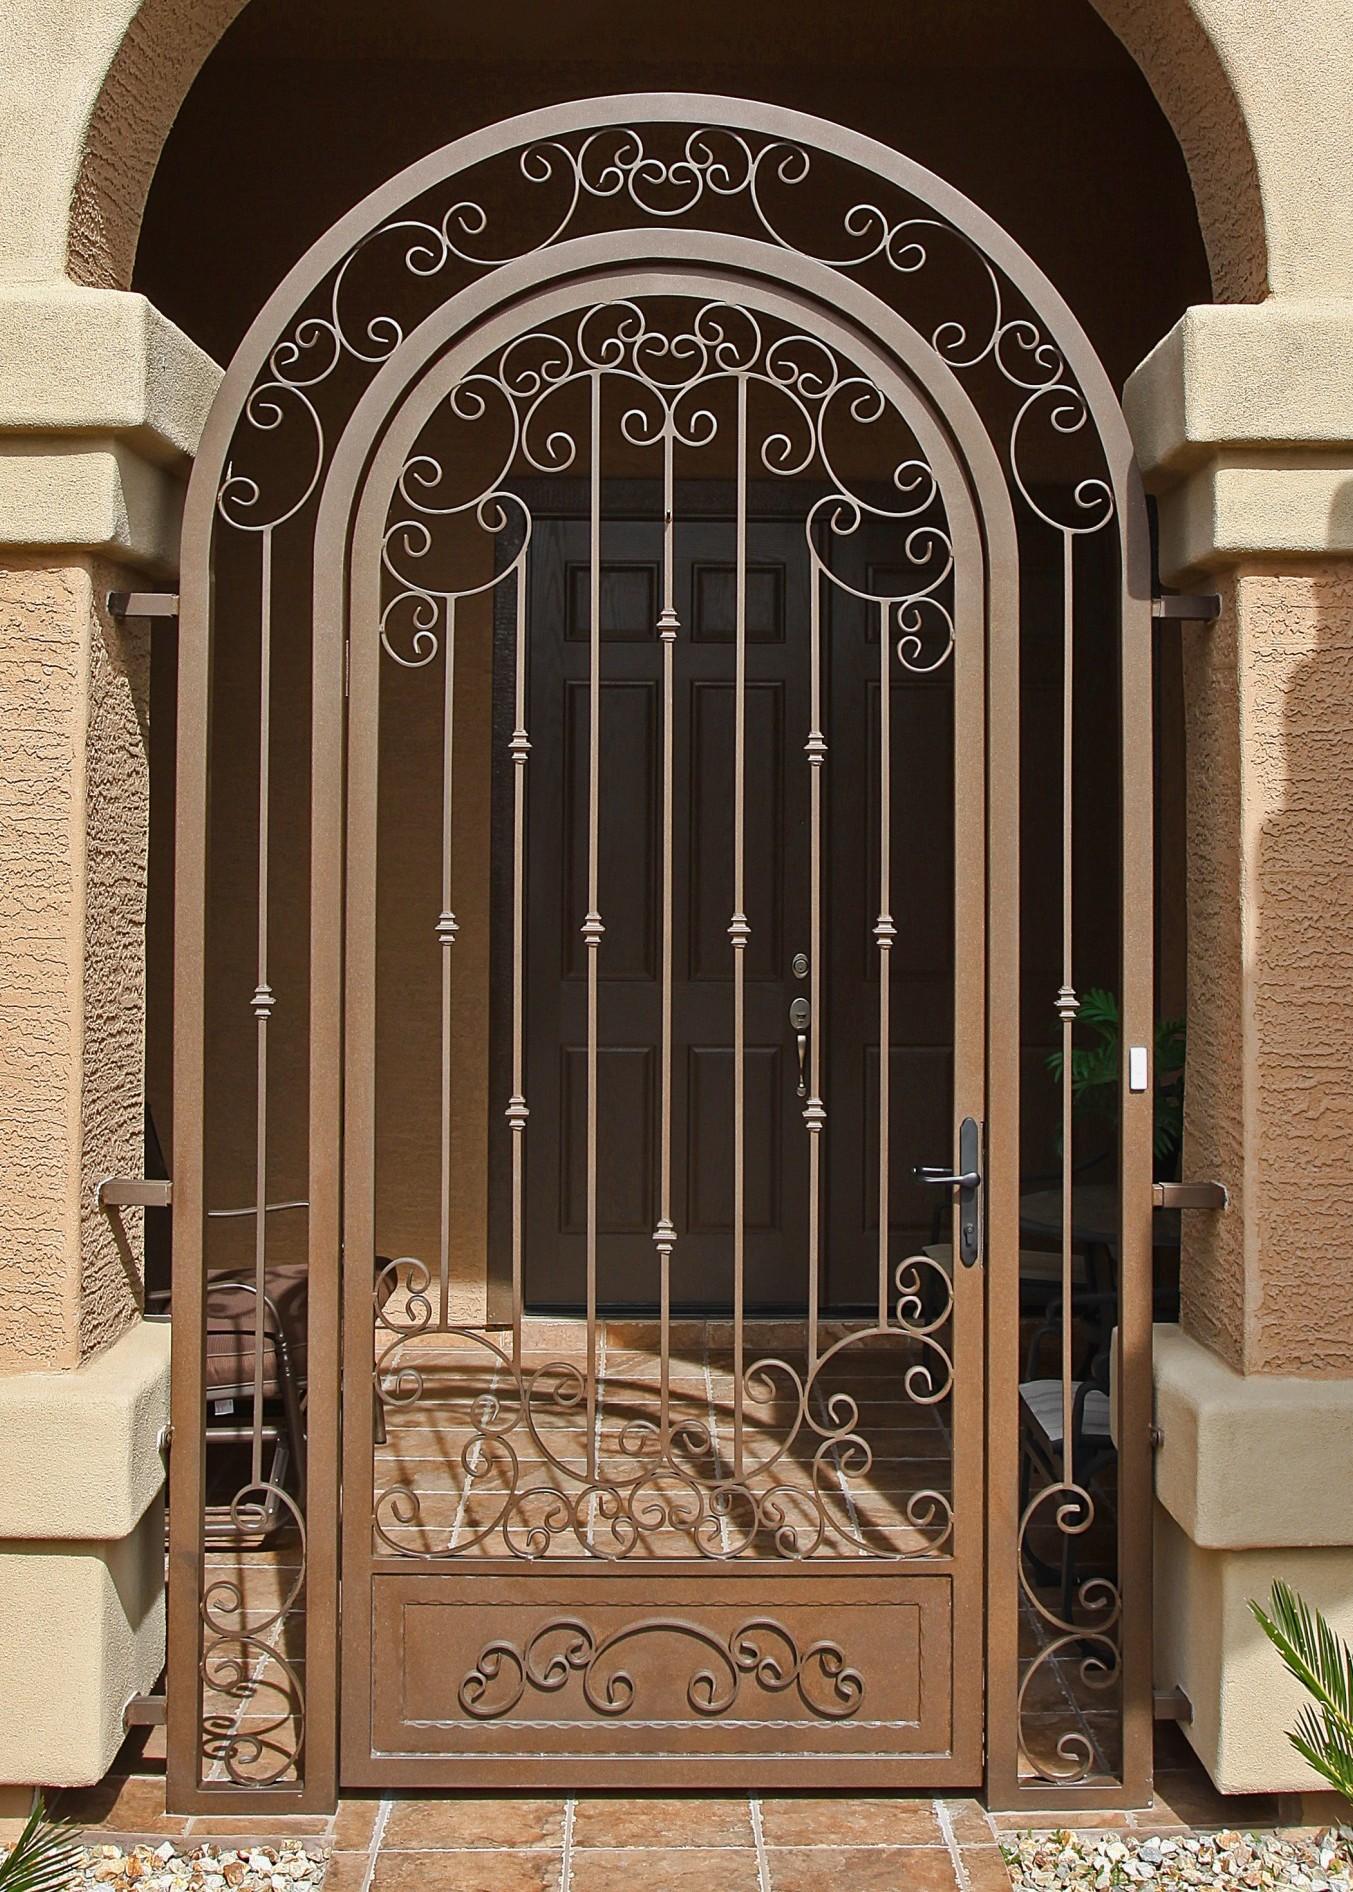 1892 #4C5D17 Doors Wholesale Window Doors $ 400 For $ 500 Toward Windows Or Doors  save image Arizona Security Doors 5371353